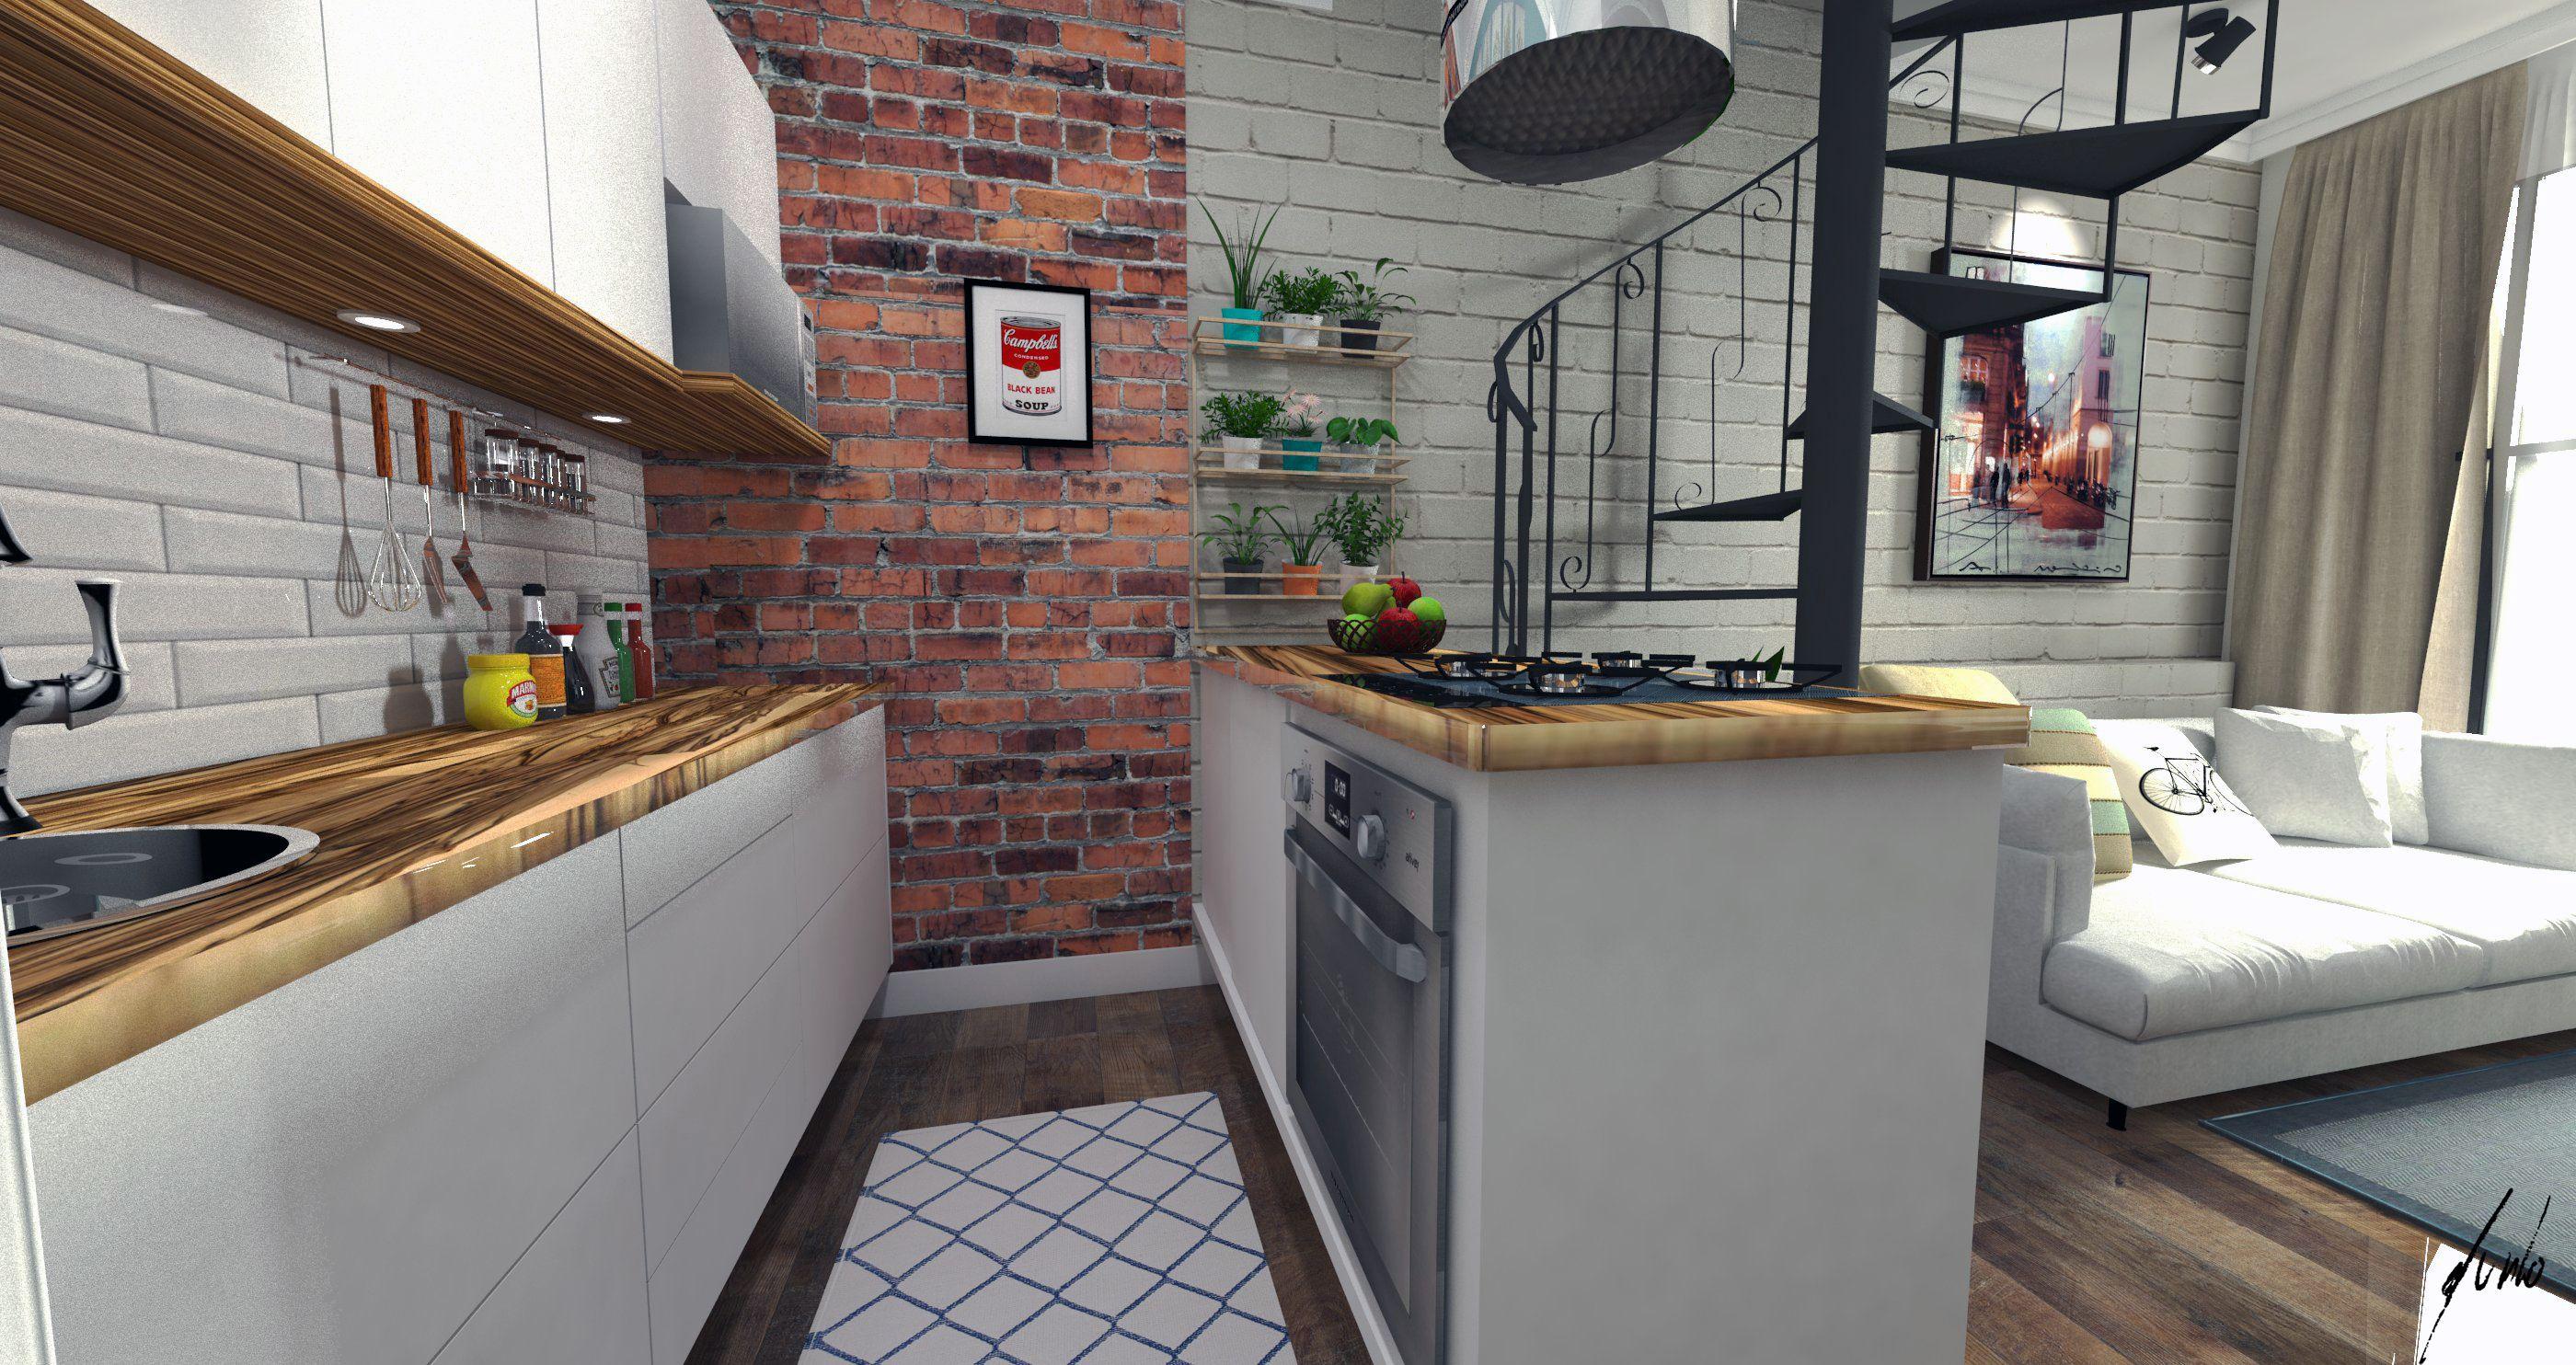 cozinha-da-primeira-casa-do-jovem-casal-curitibano-tijolos-aparentes-tampos-de-madeira-moveis-brancos-escada-preto-fosco-estilo-e-conforto-projeto-e-execucao-murilo-zadul-img01